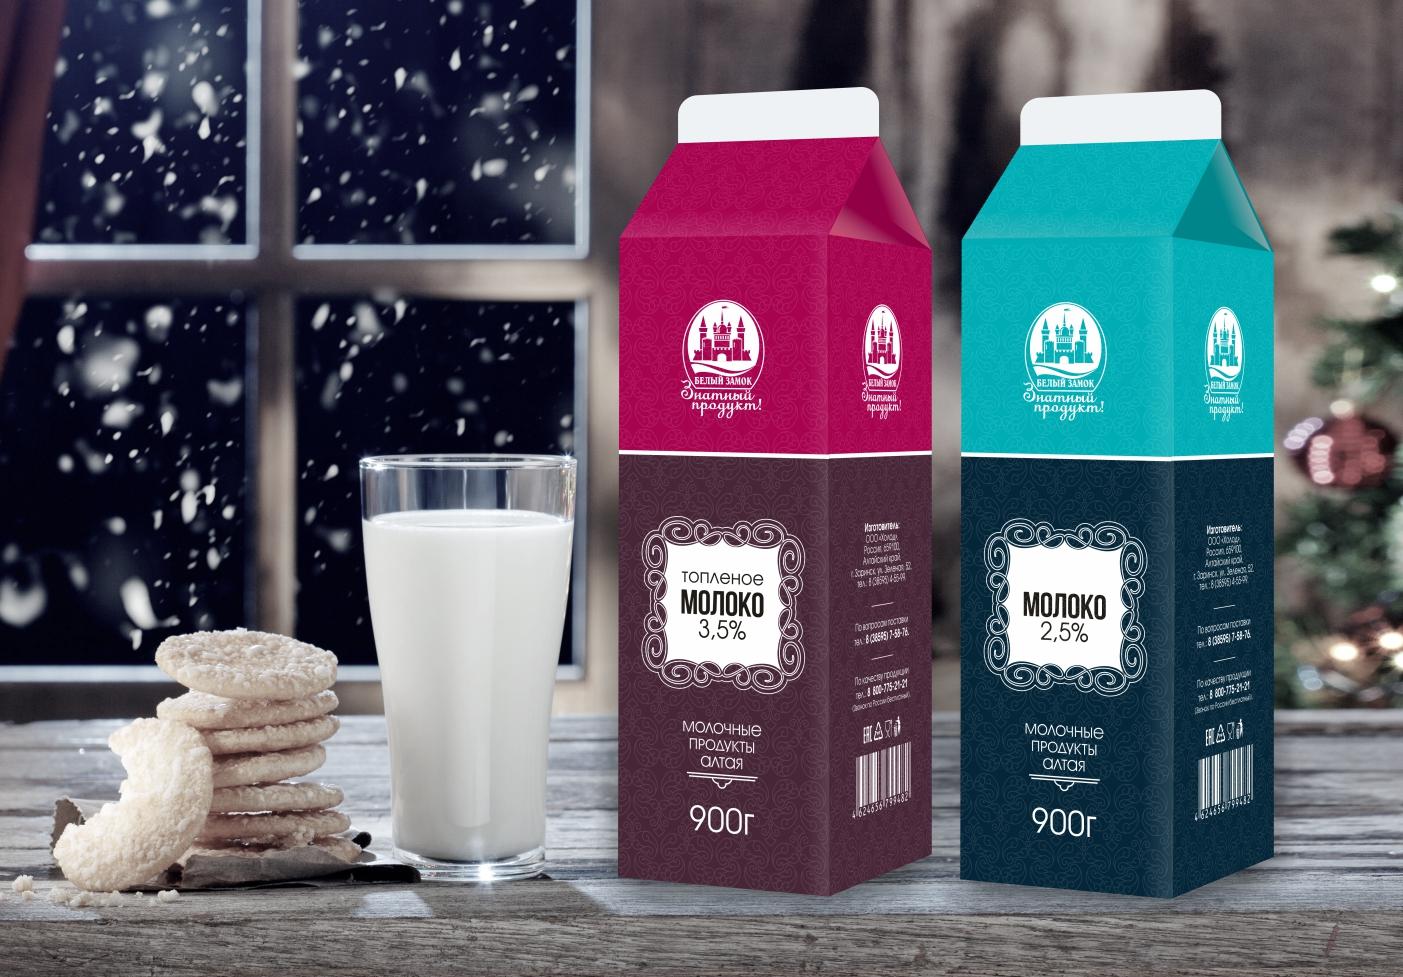 Упаковка тетра пак для молочных продуктов